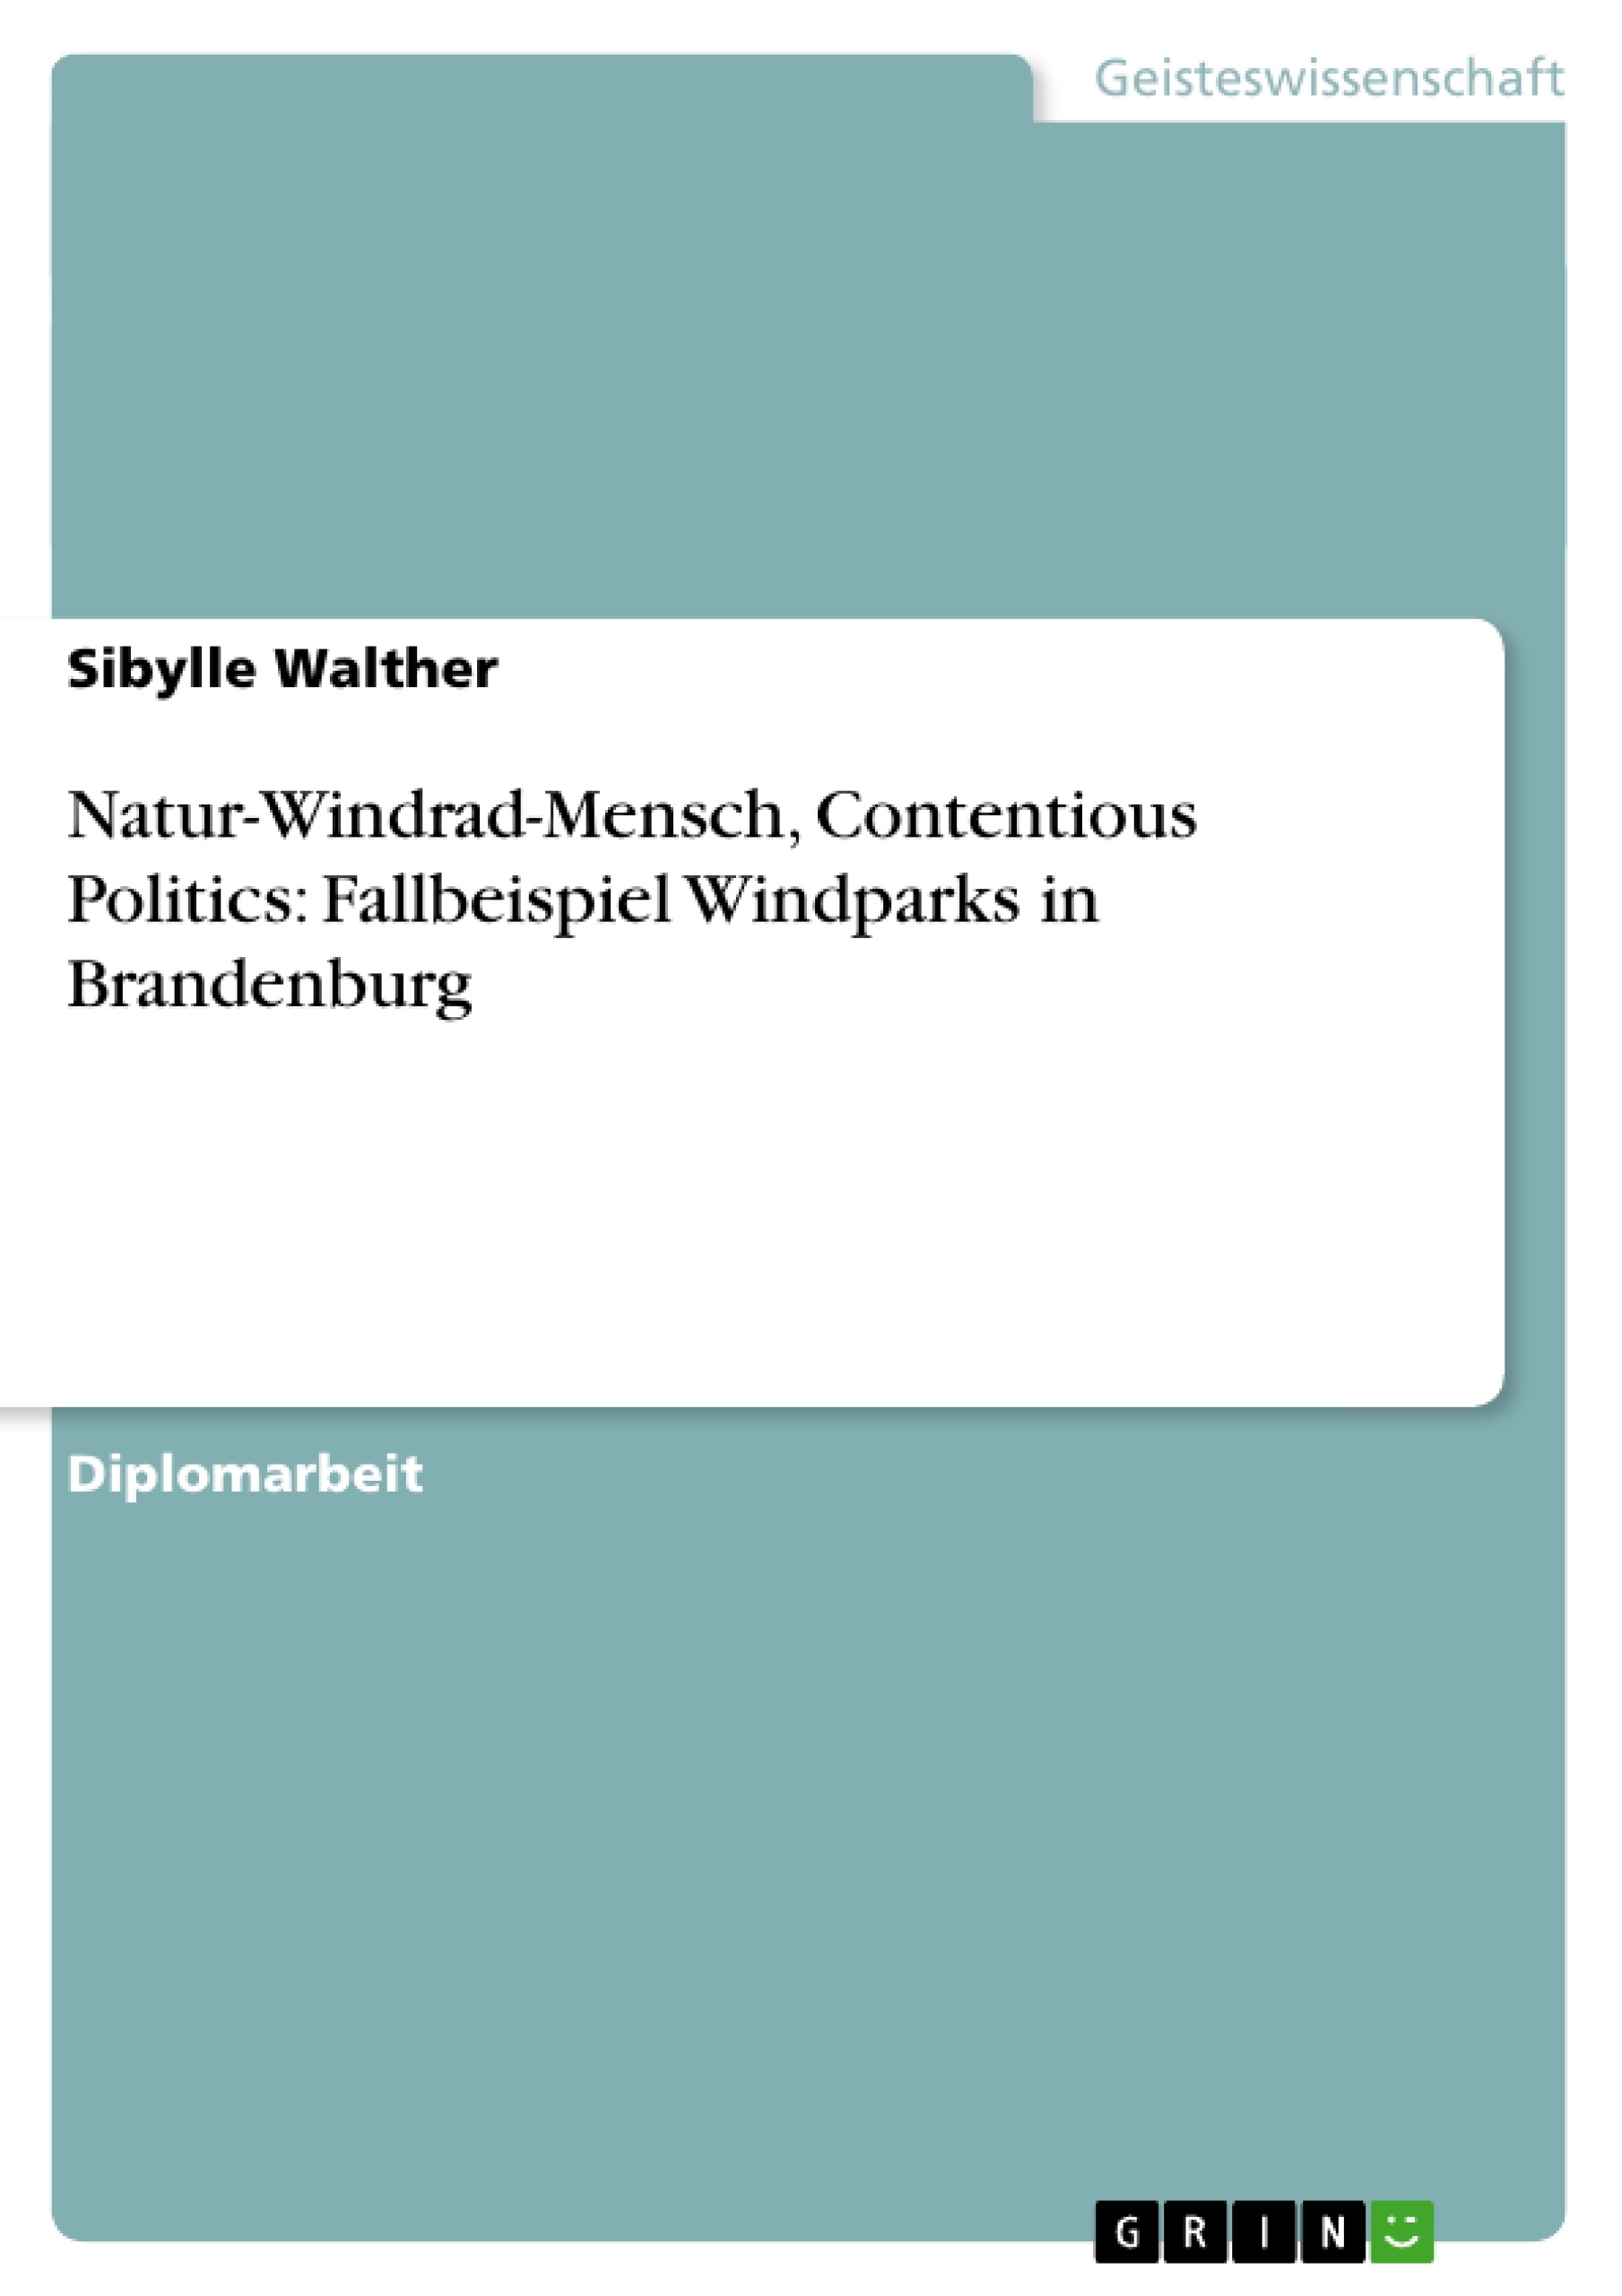 Titel: Natur-Windrad-Mensch, Contentious Politics: Fallbeispiel Windparks in Brandenburg